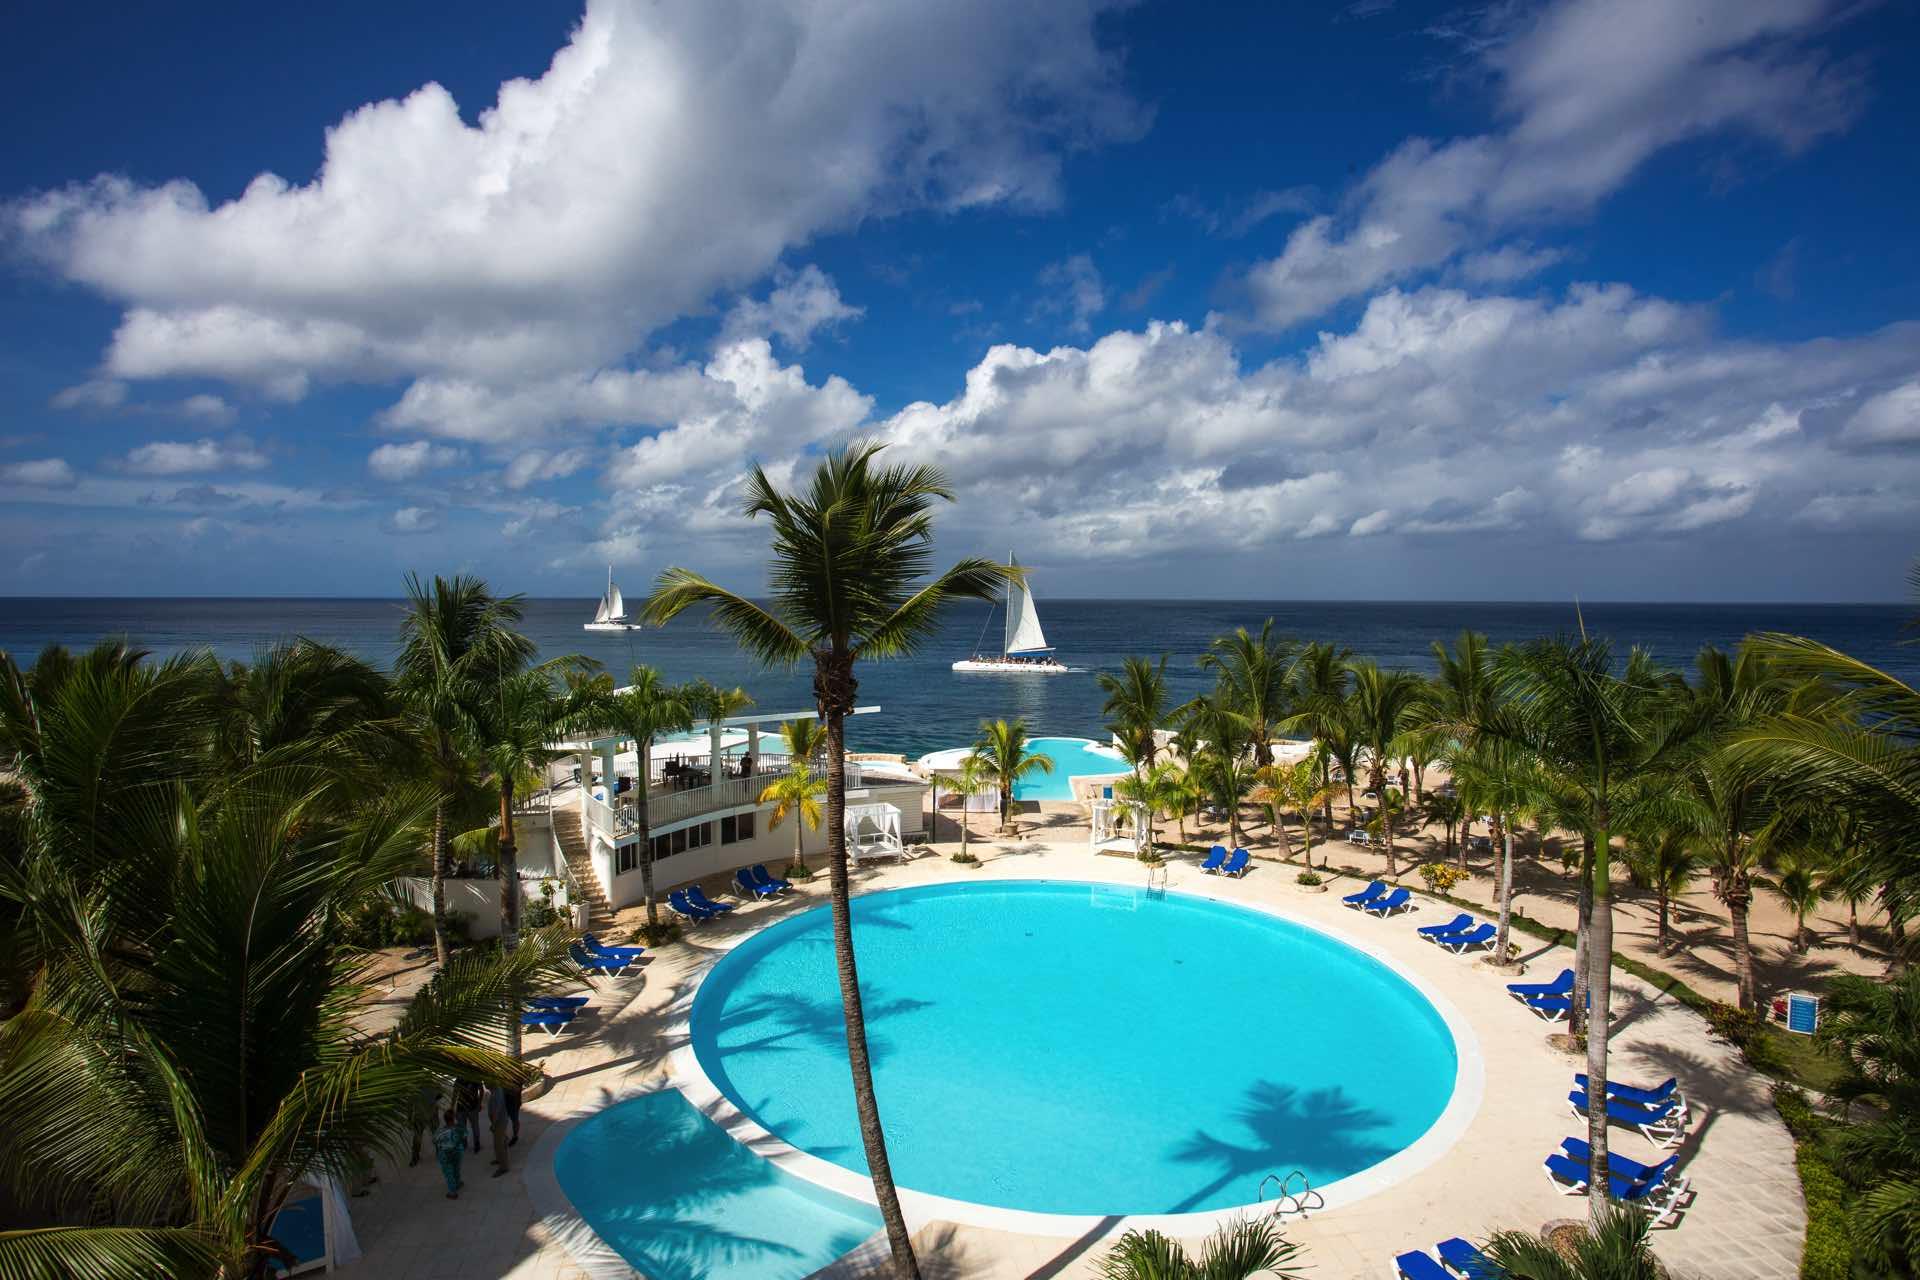 Goedkope tropische vakantiebestemmingen: Whala!Bayahibe, Dominicaanse Republiek